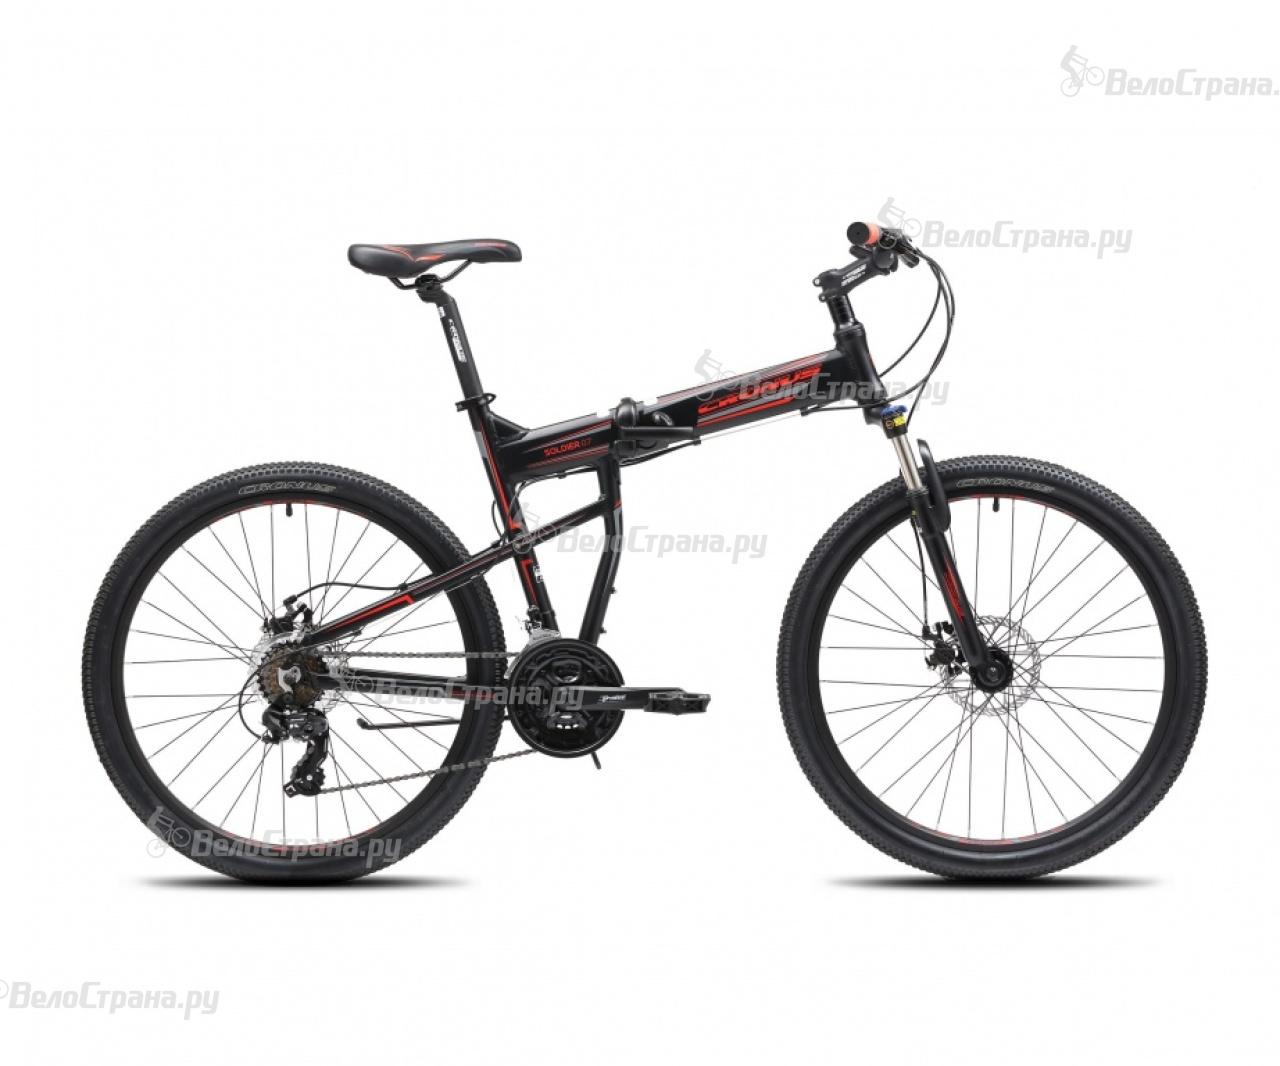 Велосипед Cronus Soldier 0.7 (2017) велосипед cronus soldier 1 5 2014